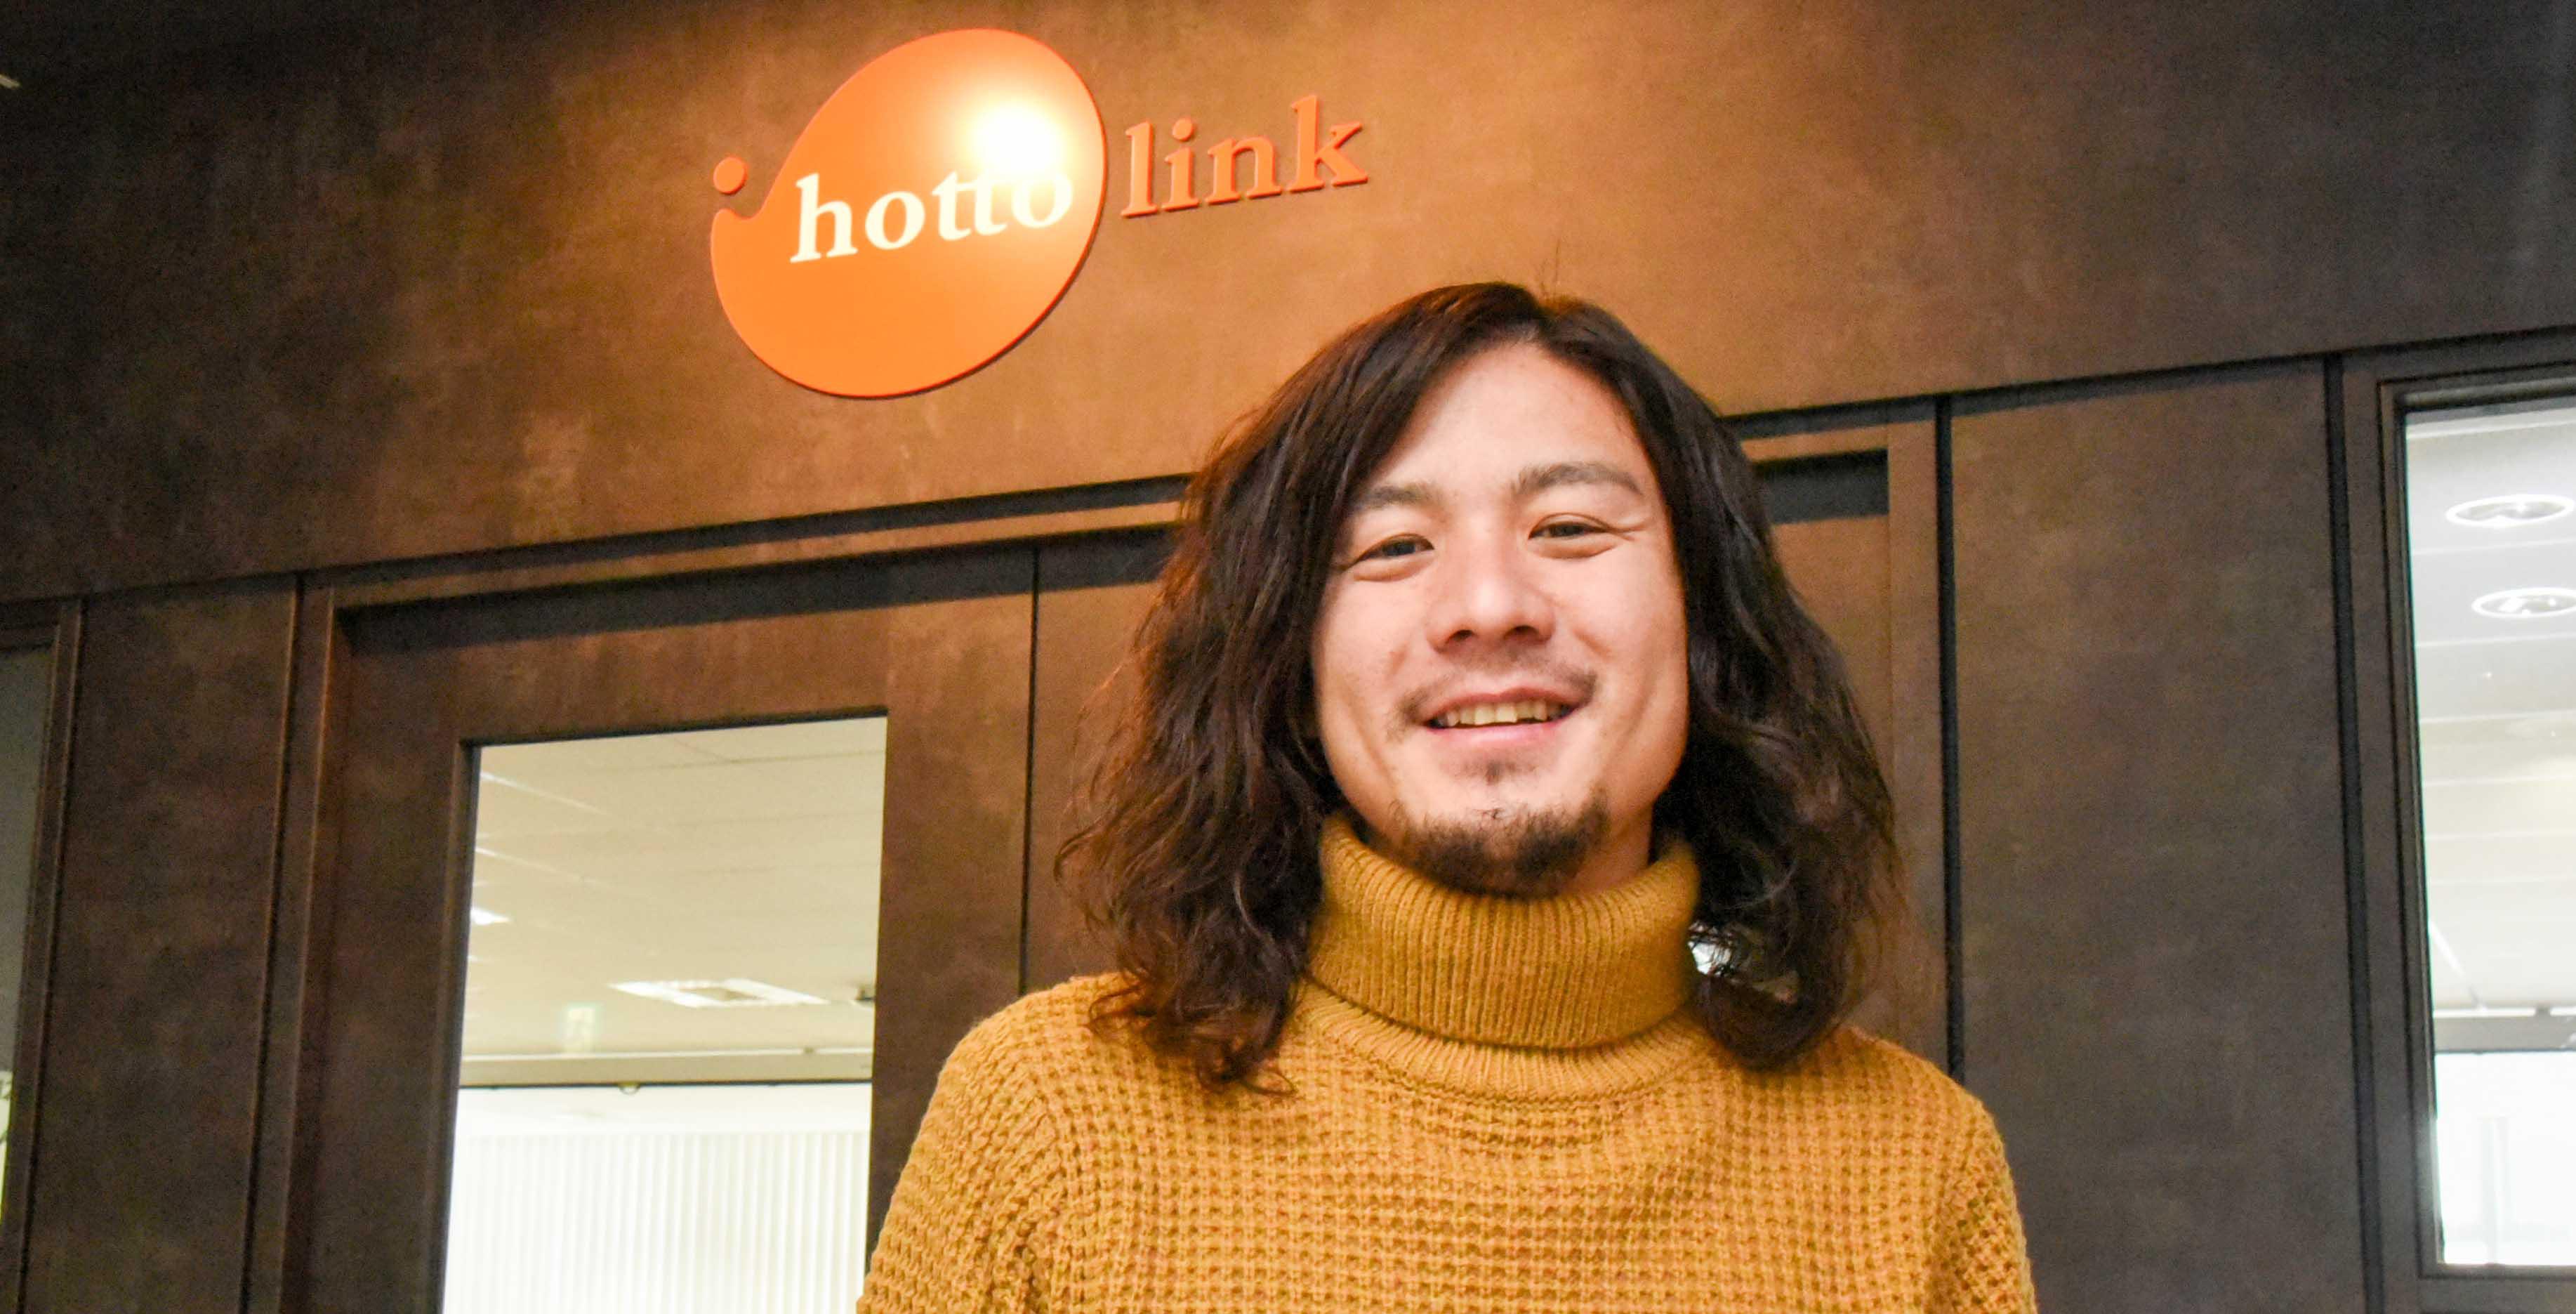 【App Ape Lab.】アプリの成長はユーザーが作るコンテンツから始まる・ホットリンク・飯髙悠太氏が描く「Twitterのスタンダード」